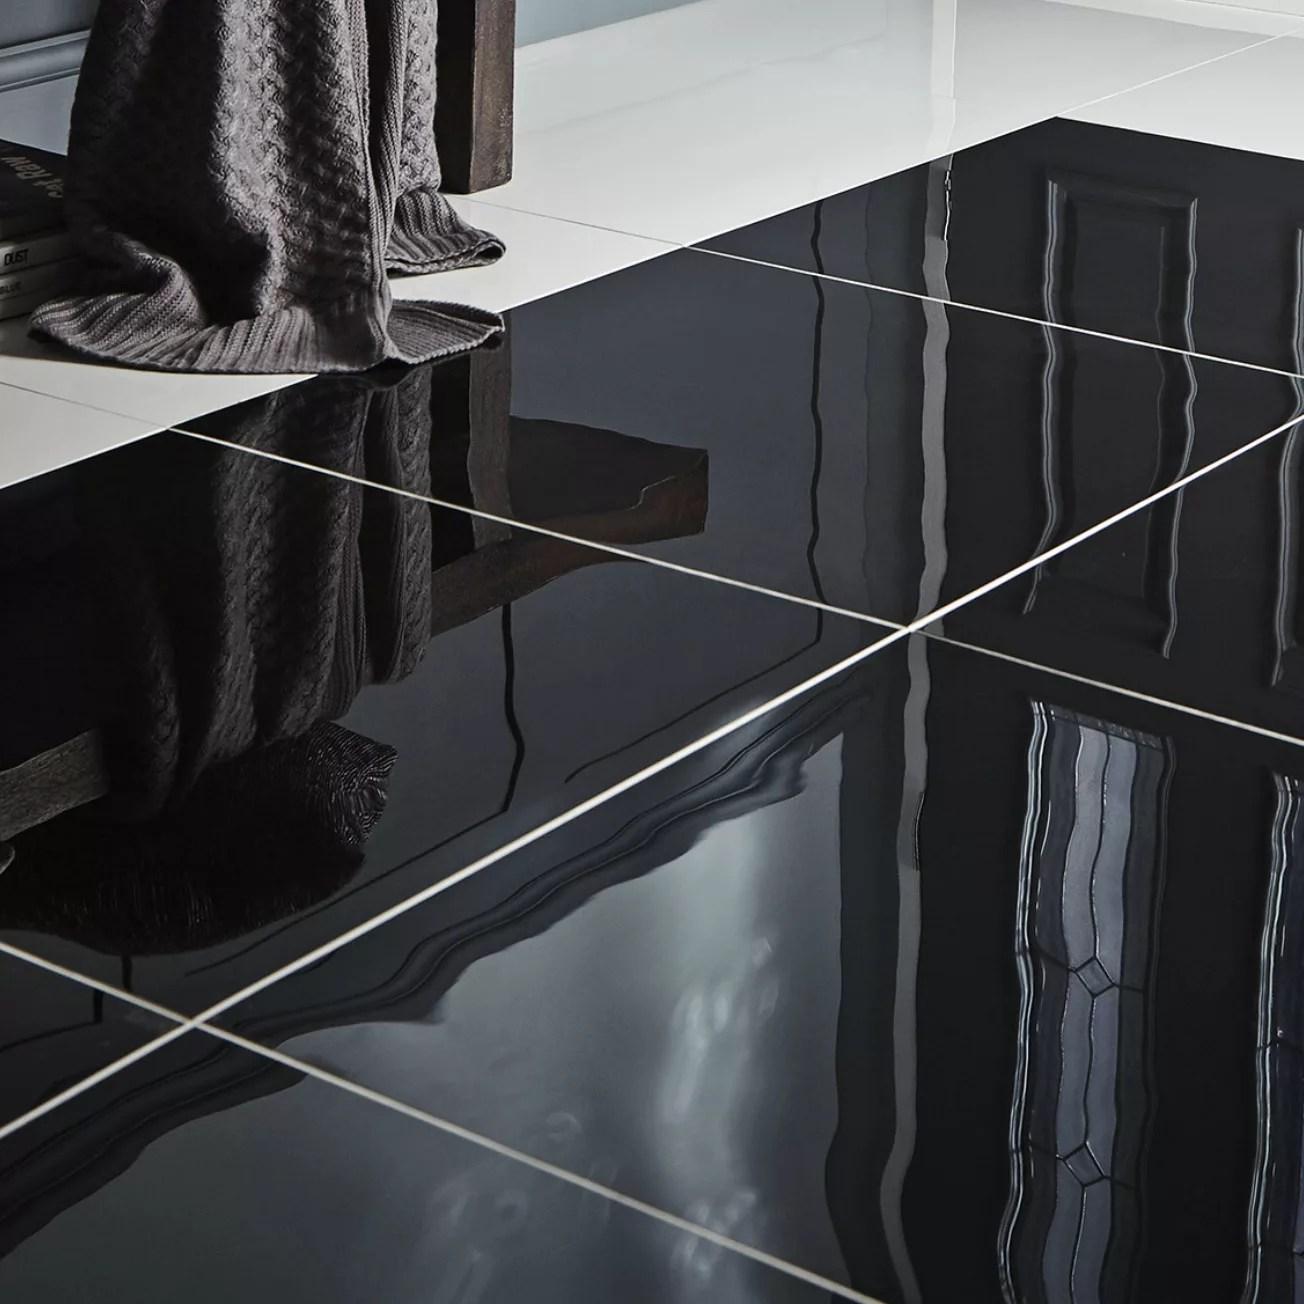 livourne black plain porcelain wall floor tile pack of 3 l 600mm w 600mm